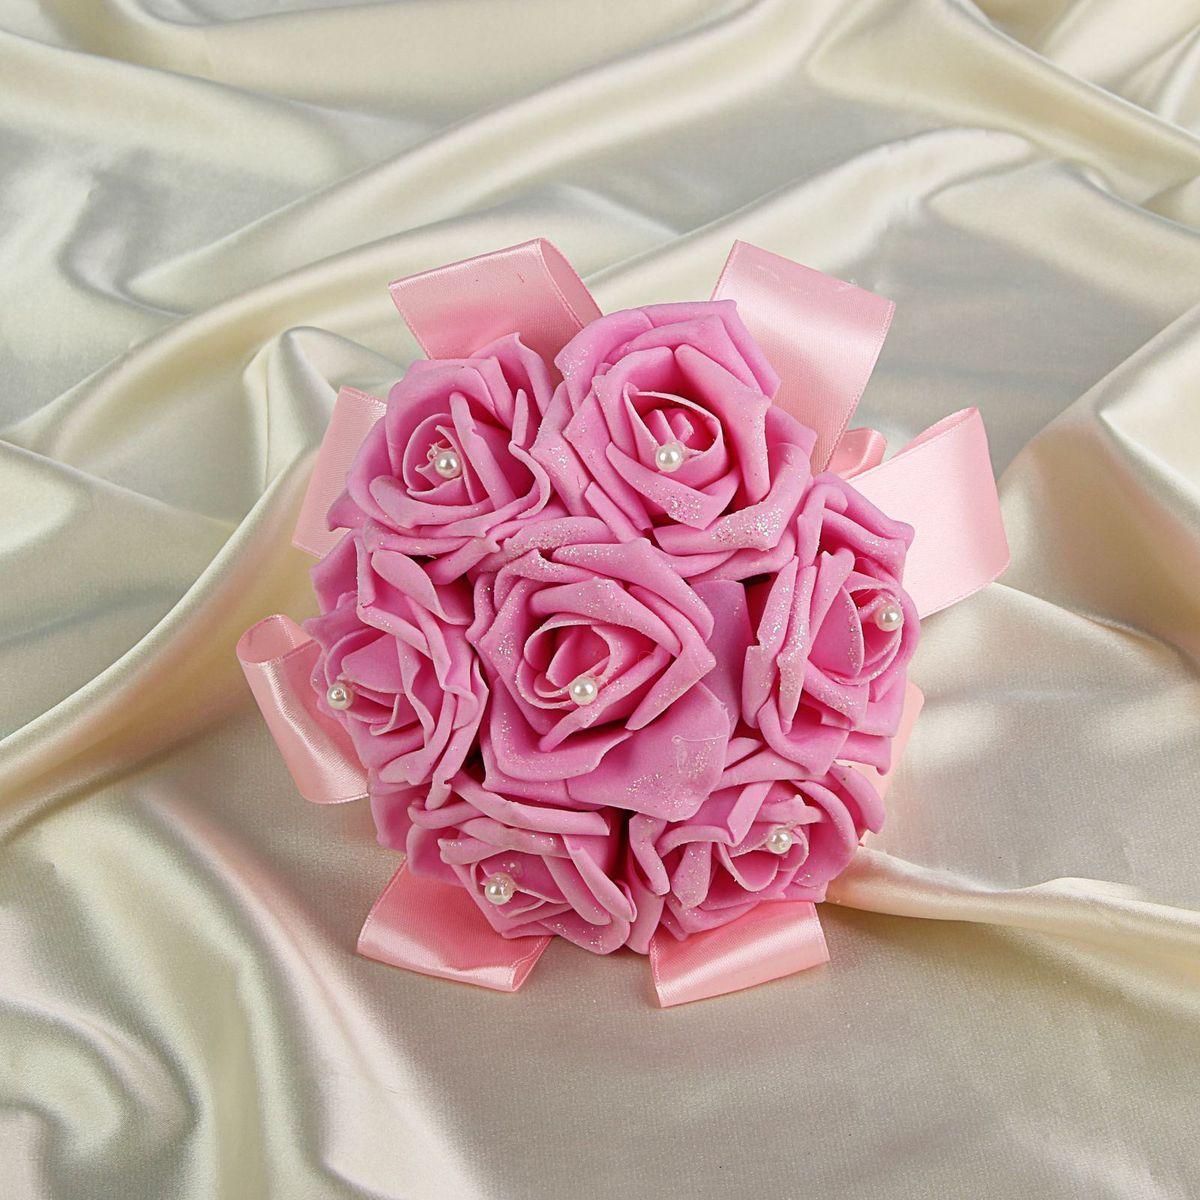 Букет-дублер Sima-land, цвет: розовый. 1262823RSP-202SДобавьте в интерьер частичку весны! Дублер букета невесты с розами премиум будет радовать неувядающей красотой не один год. Просто поставьте его в вазу или создайте пышную композицию.Искусственные растения не требуют поливки, особого освещения и другого специального ухода. Они украсят любое помещение (например, ванную с повышенной влажностью или затемнённый коридор).Дом становится уютным благодаря мелочам. Преобразите интерьер, а вместе с ним улучшится и настроение!